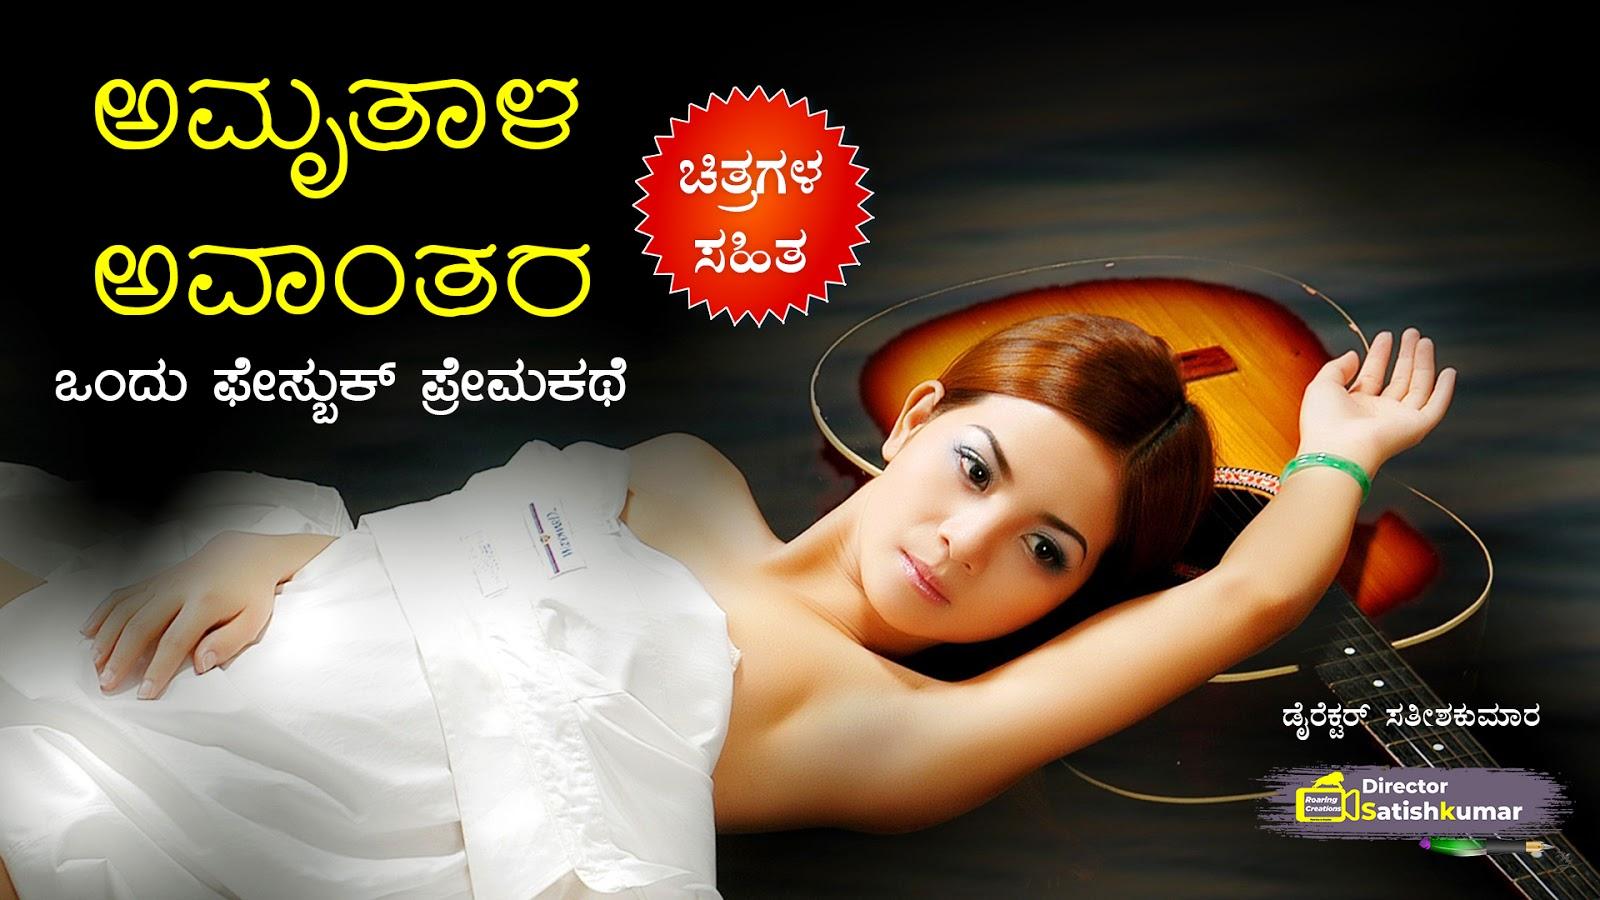 ಅಮೃತಾಳ ಅವಾಂತರ : ಒಂದು ಫೇಸ್ಬುಕ್ ಪ್ರೇಮಕಥೆ - Kannada Love Story - Love Stories in Kannada - ಕನ್ನಡ ಕಥೆ ಪುಸ್ತಕಗಳು - Kannada Story Books -  E Books Kannada - Kannada Books